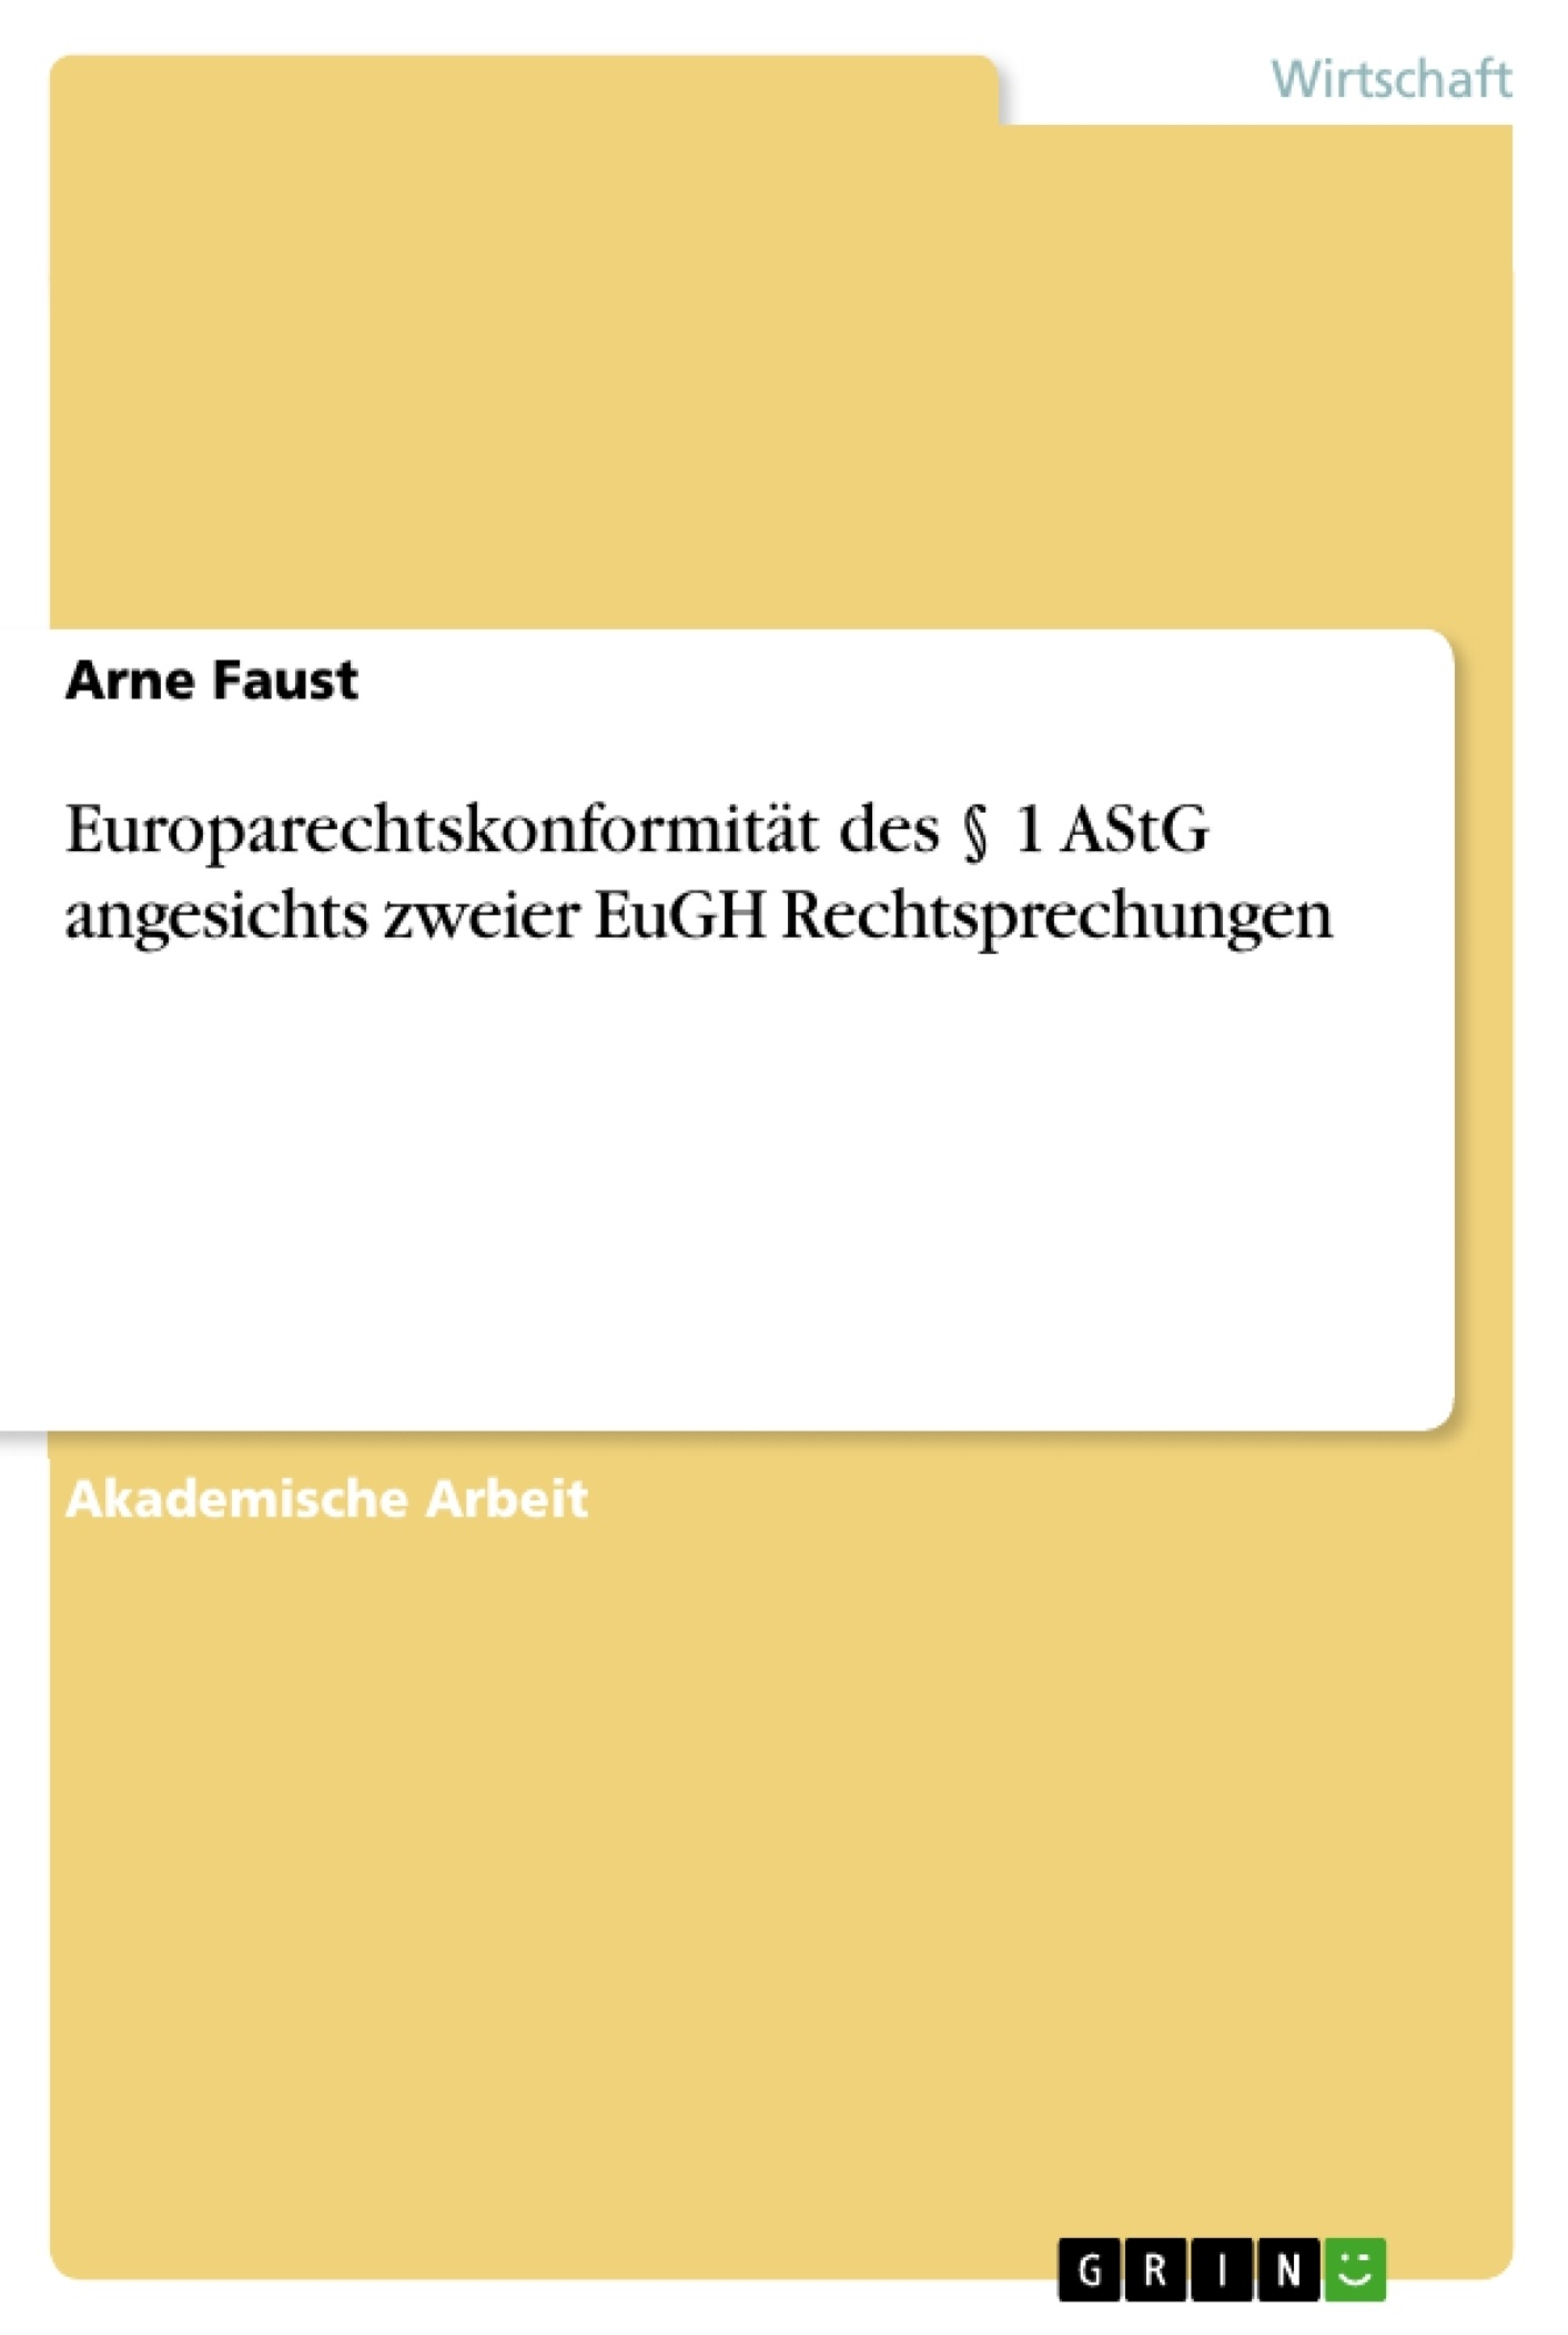 Titel: Europarechtskonformität des § 1 AStG angesichts zweier EuGH Rechtsprechungen